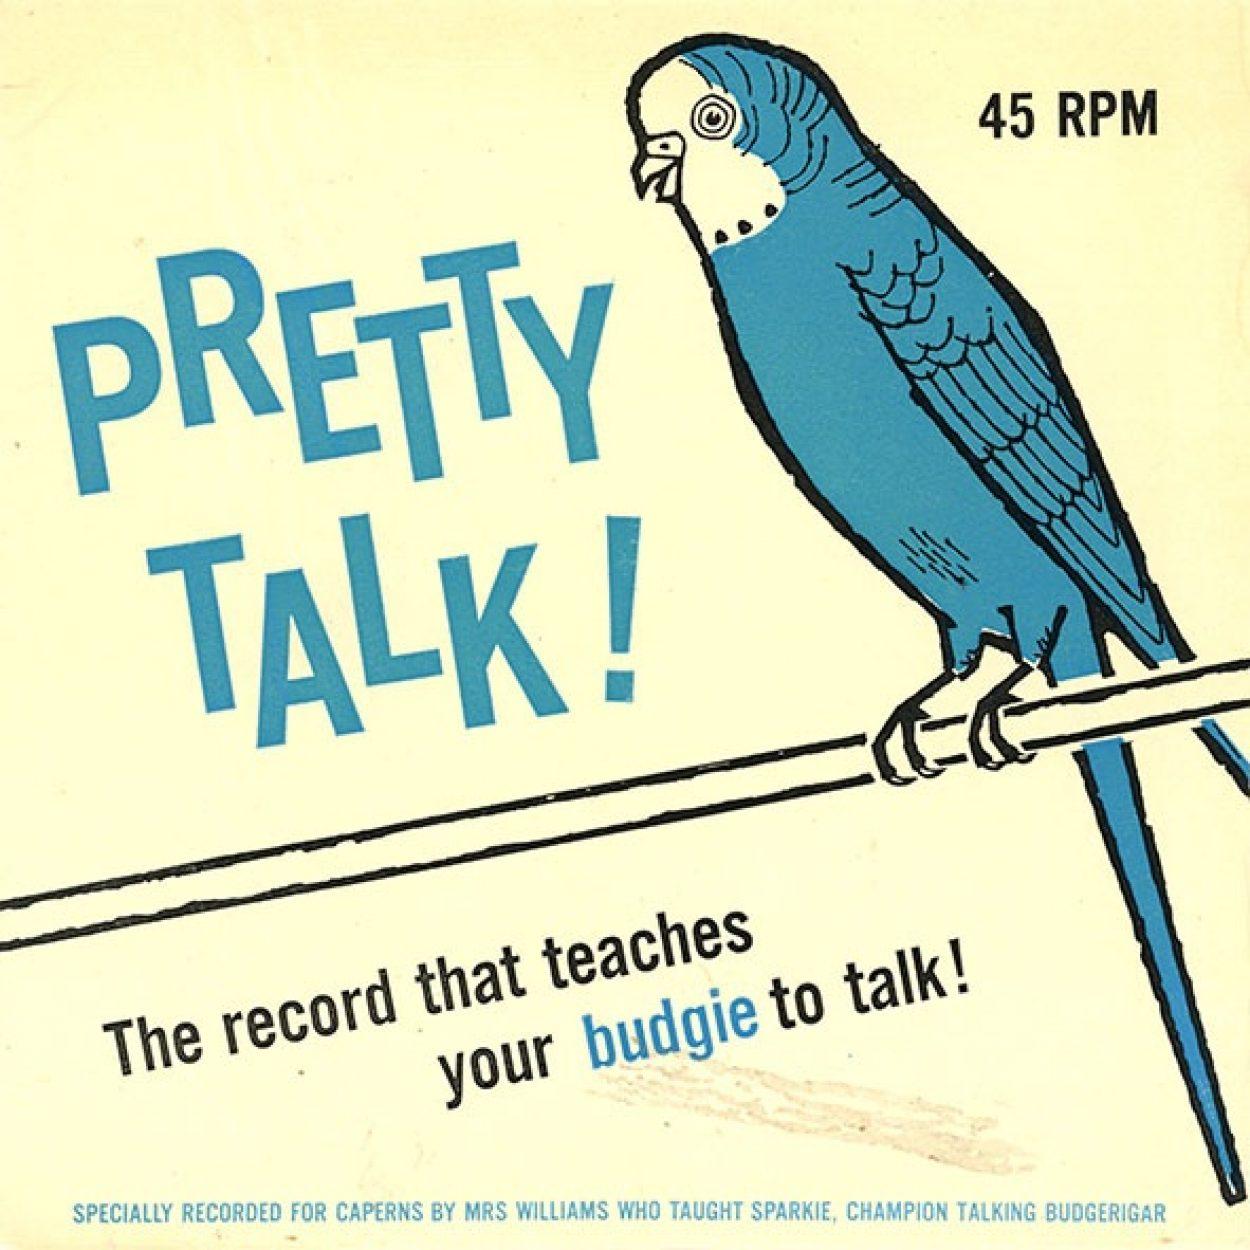 Pretty Talk